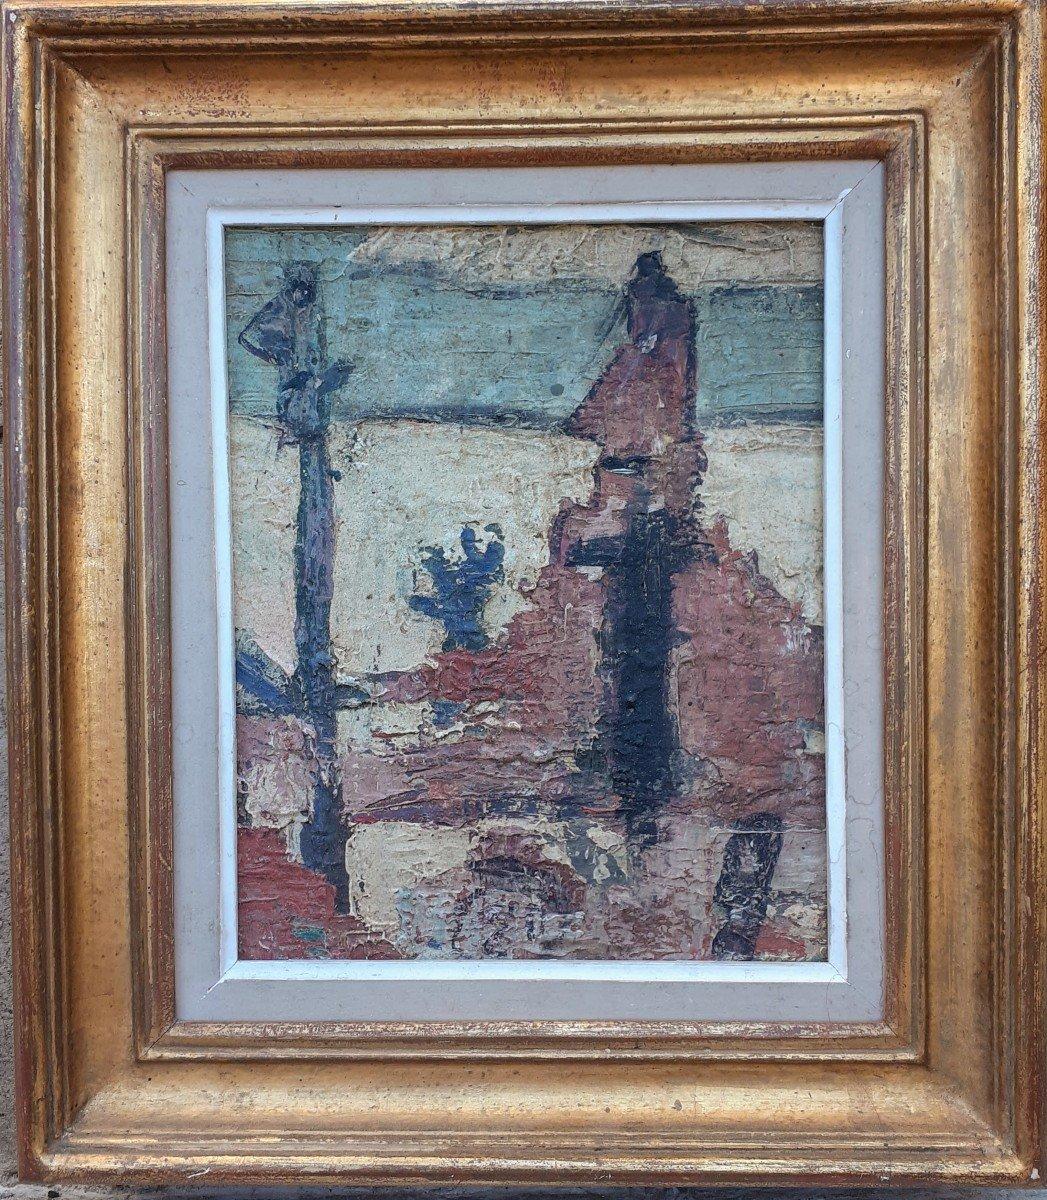 Art Brut, école De Dubuffet Années 50: Personnages Abstraites Statues De l'Ile De Pâques-photo-3